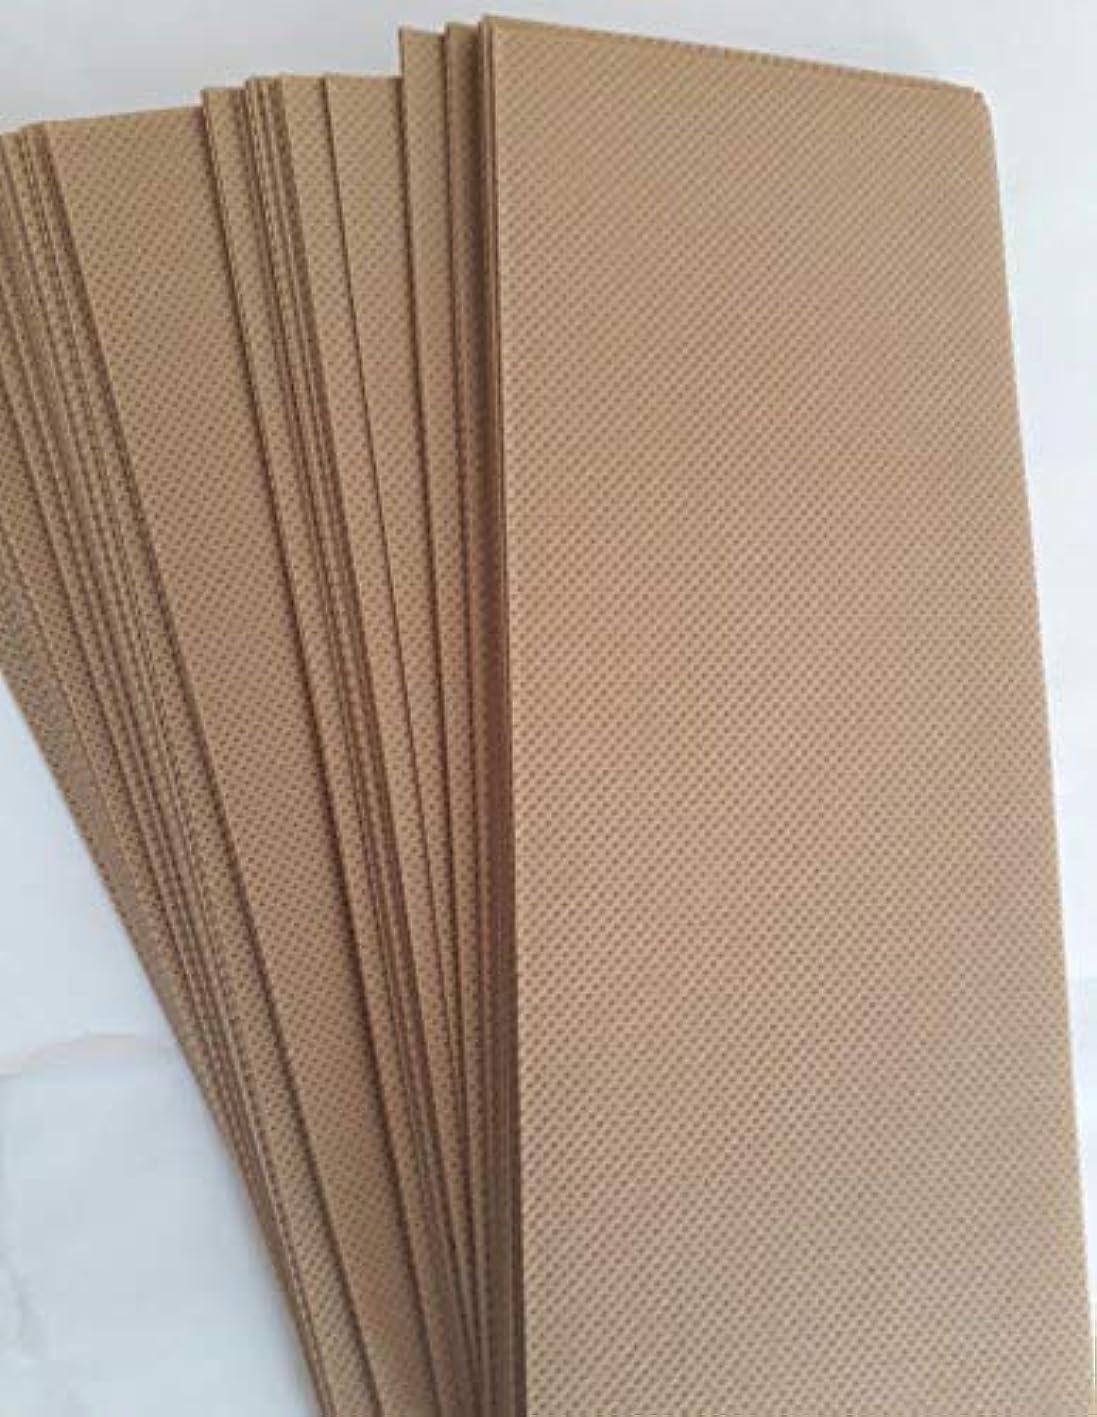 食べるむちゃくちゃ失敗90 Wax Strips pieces Disposable Hair Removal Professional Wax Strip Epilator Paper Waxing Kits ワックスストリップ作品使い捨て...